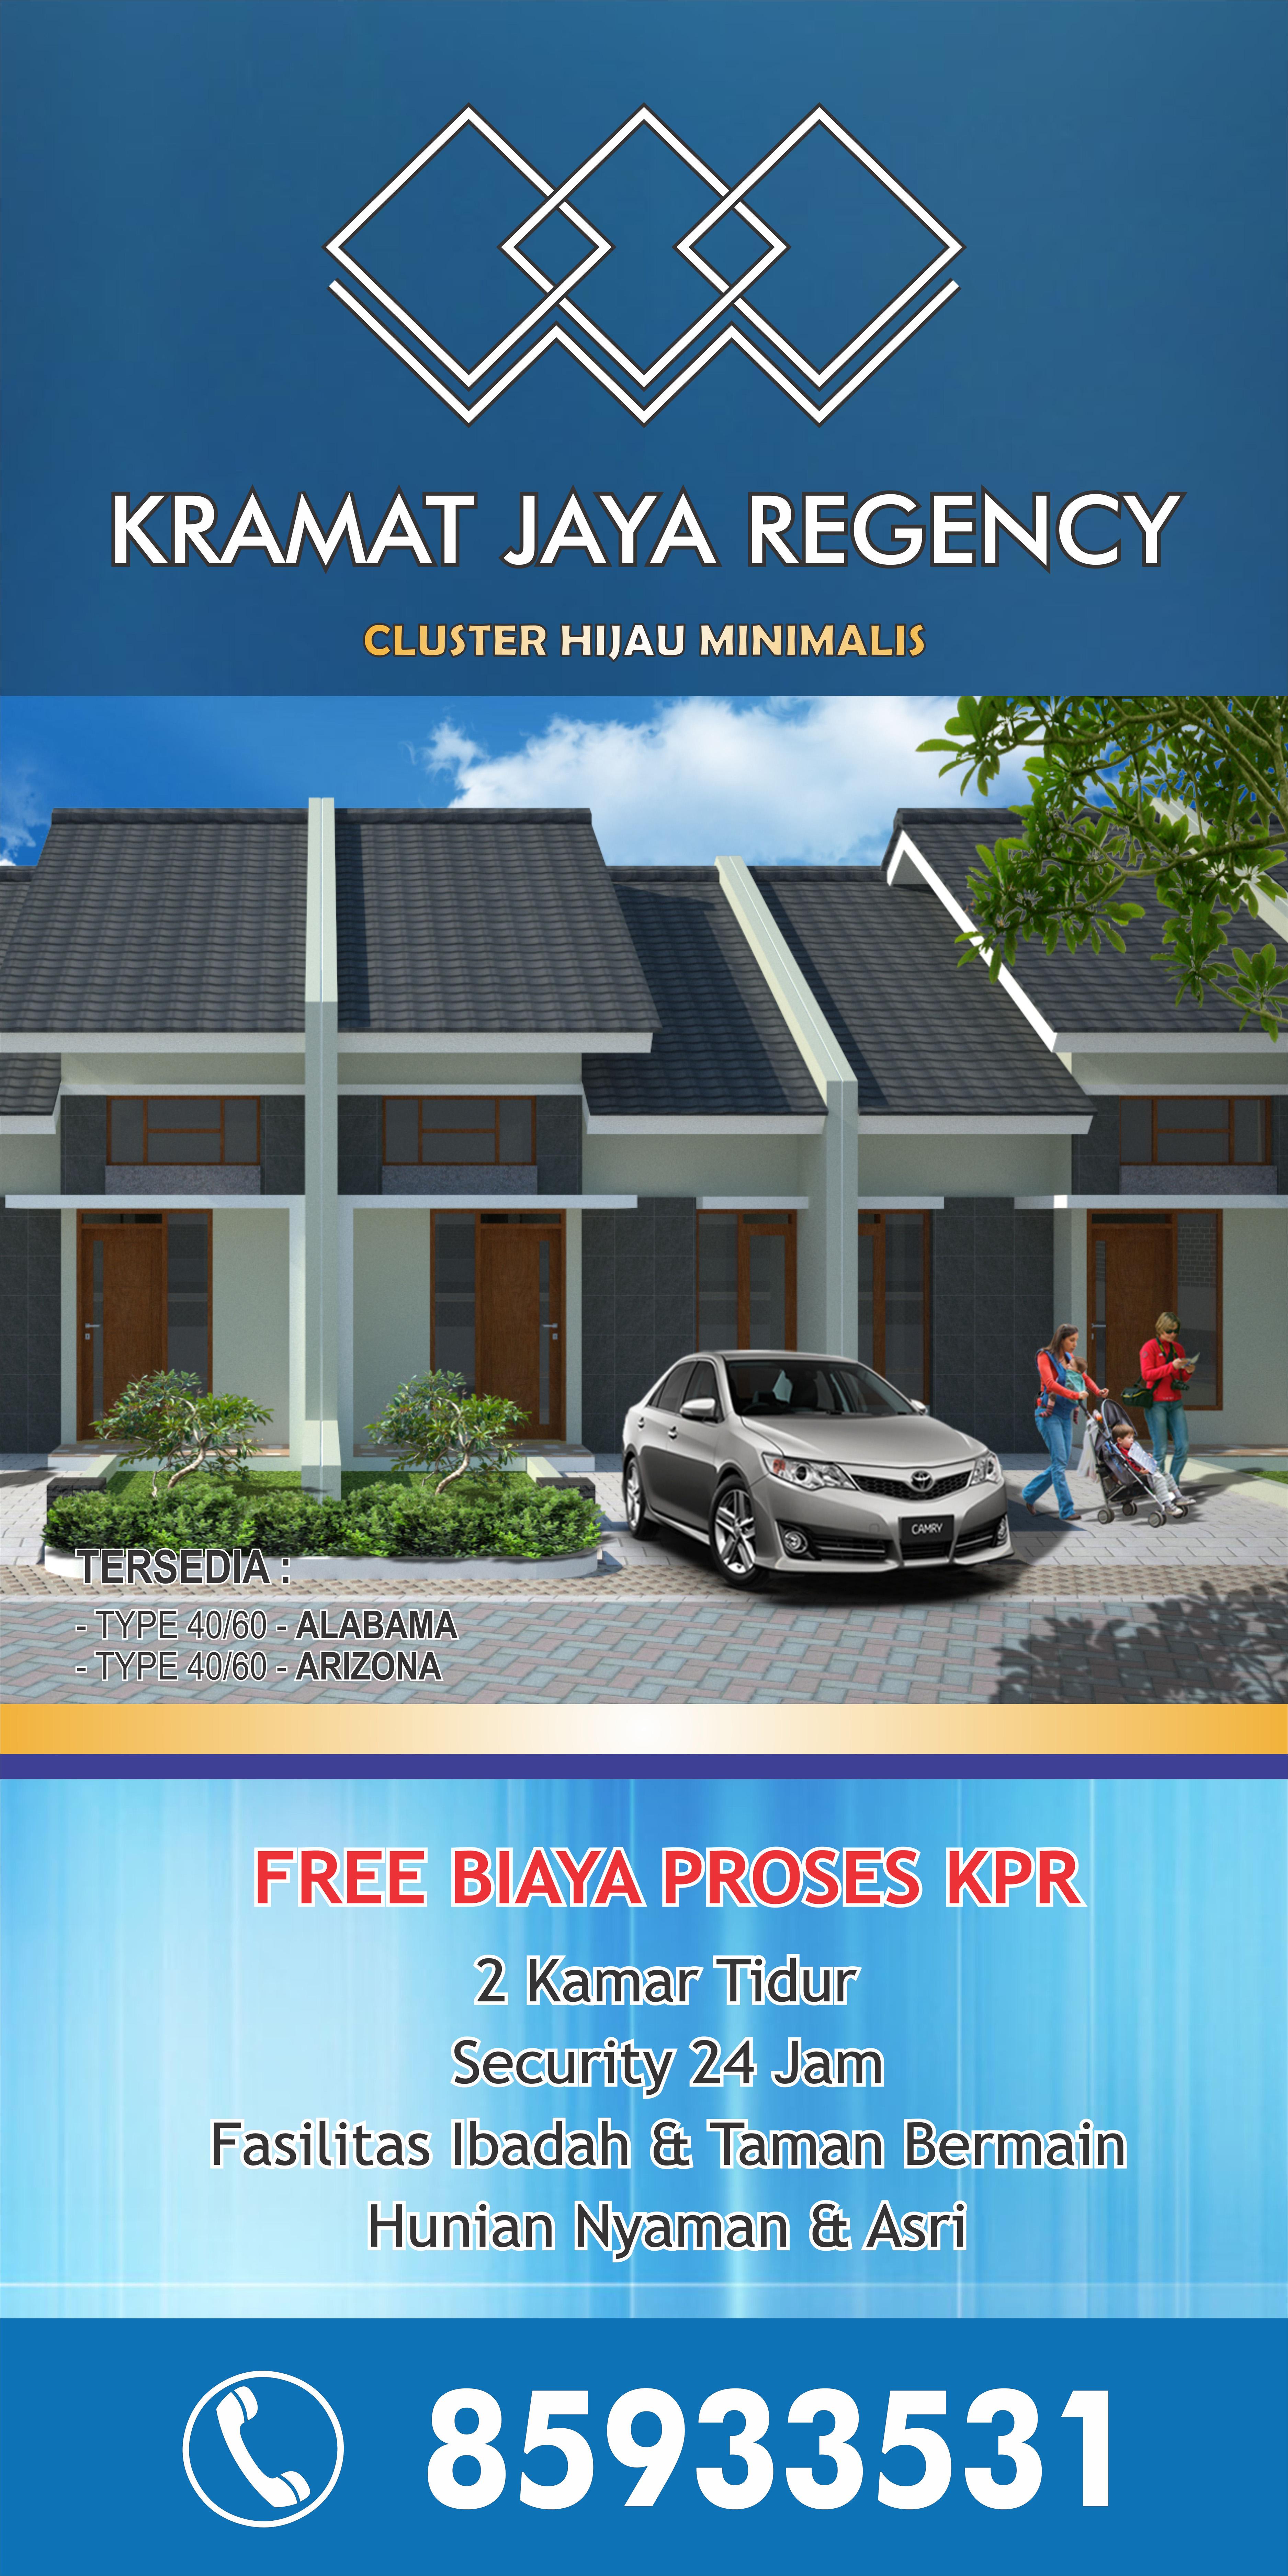 BILBOARD KRAMAT JAYA REGENCY2 75 - Percetakan Bandung